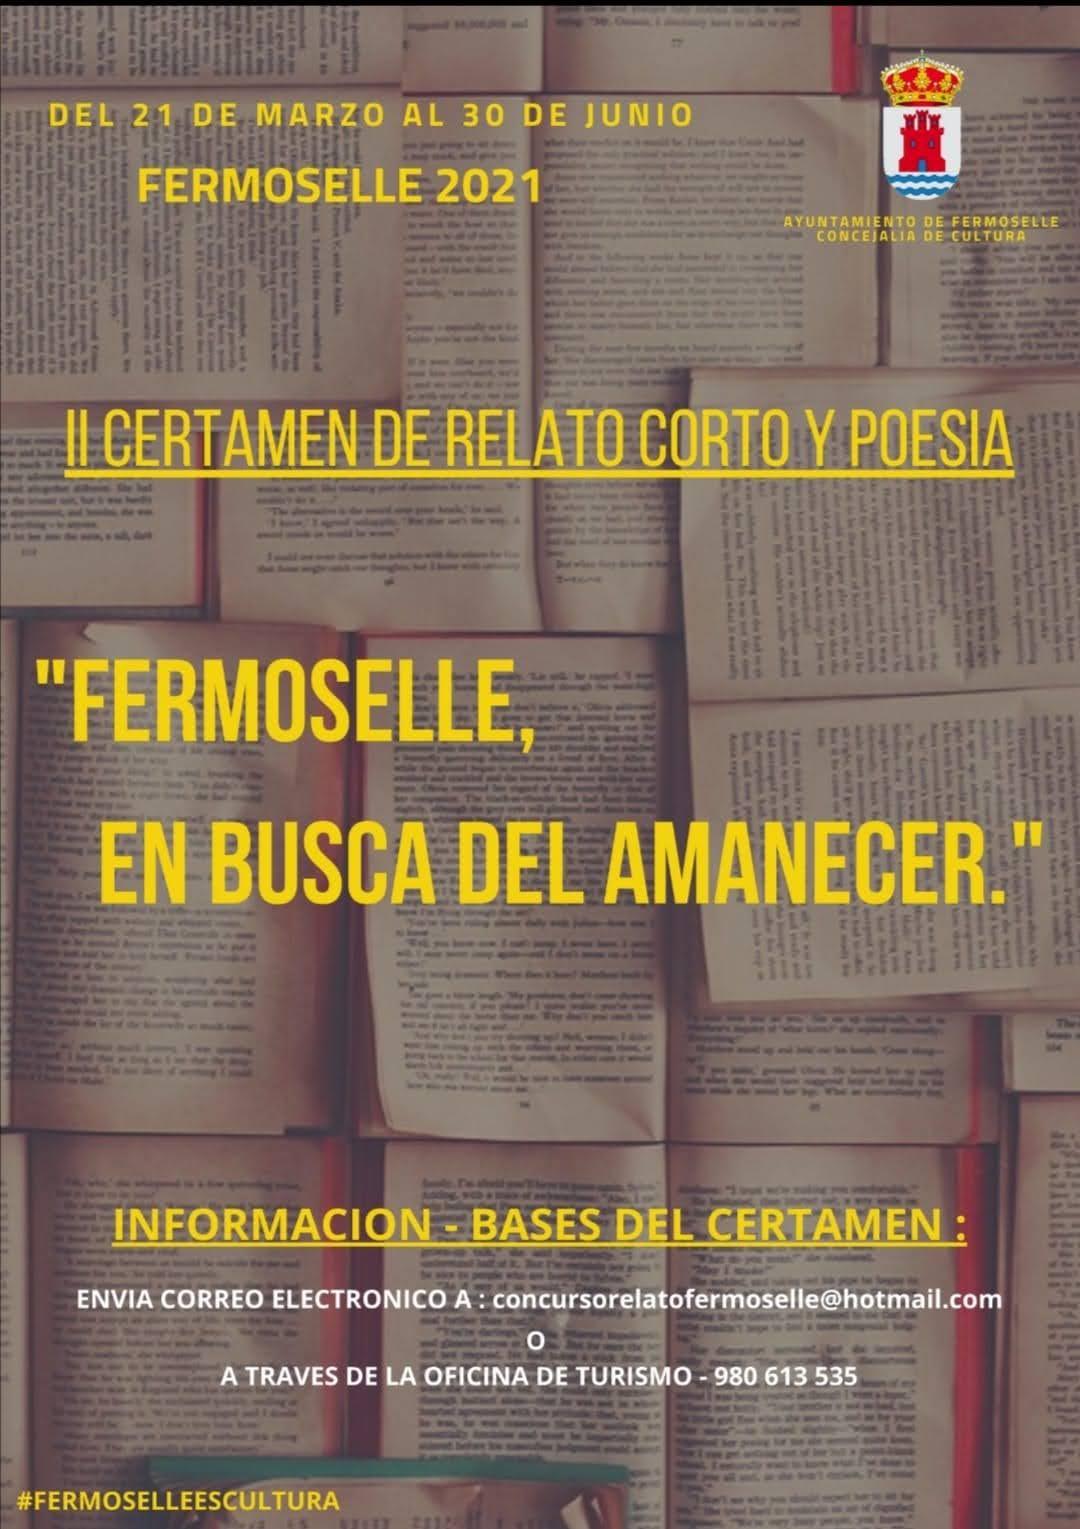 II certamen de relato corto y poesía - Fermoselle (Zamora)